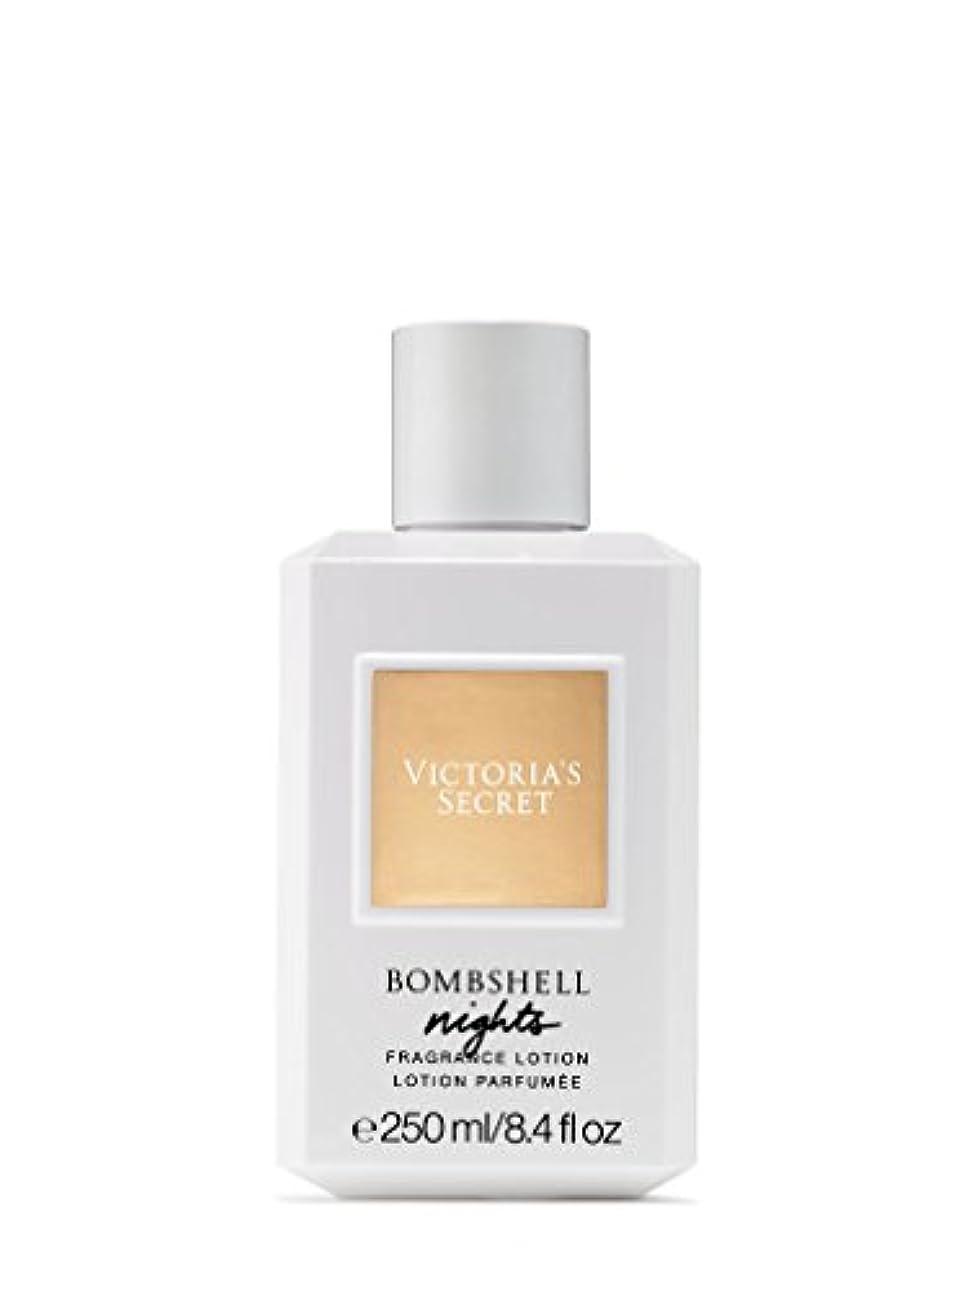 連鎖お肉バッフルBombshell Nights (ボムシェル ナイツ) 8.4 oz (252ml) Fragrance Body Lotion ボディーローション by Victoria's Secret for Women